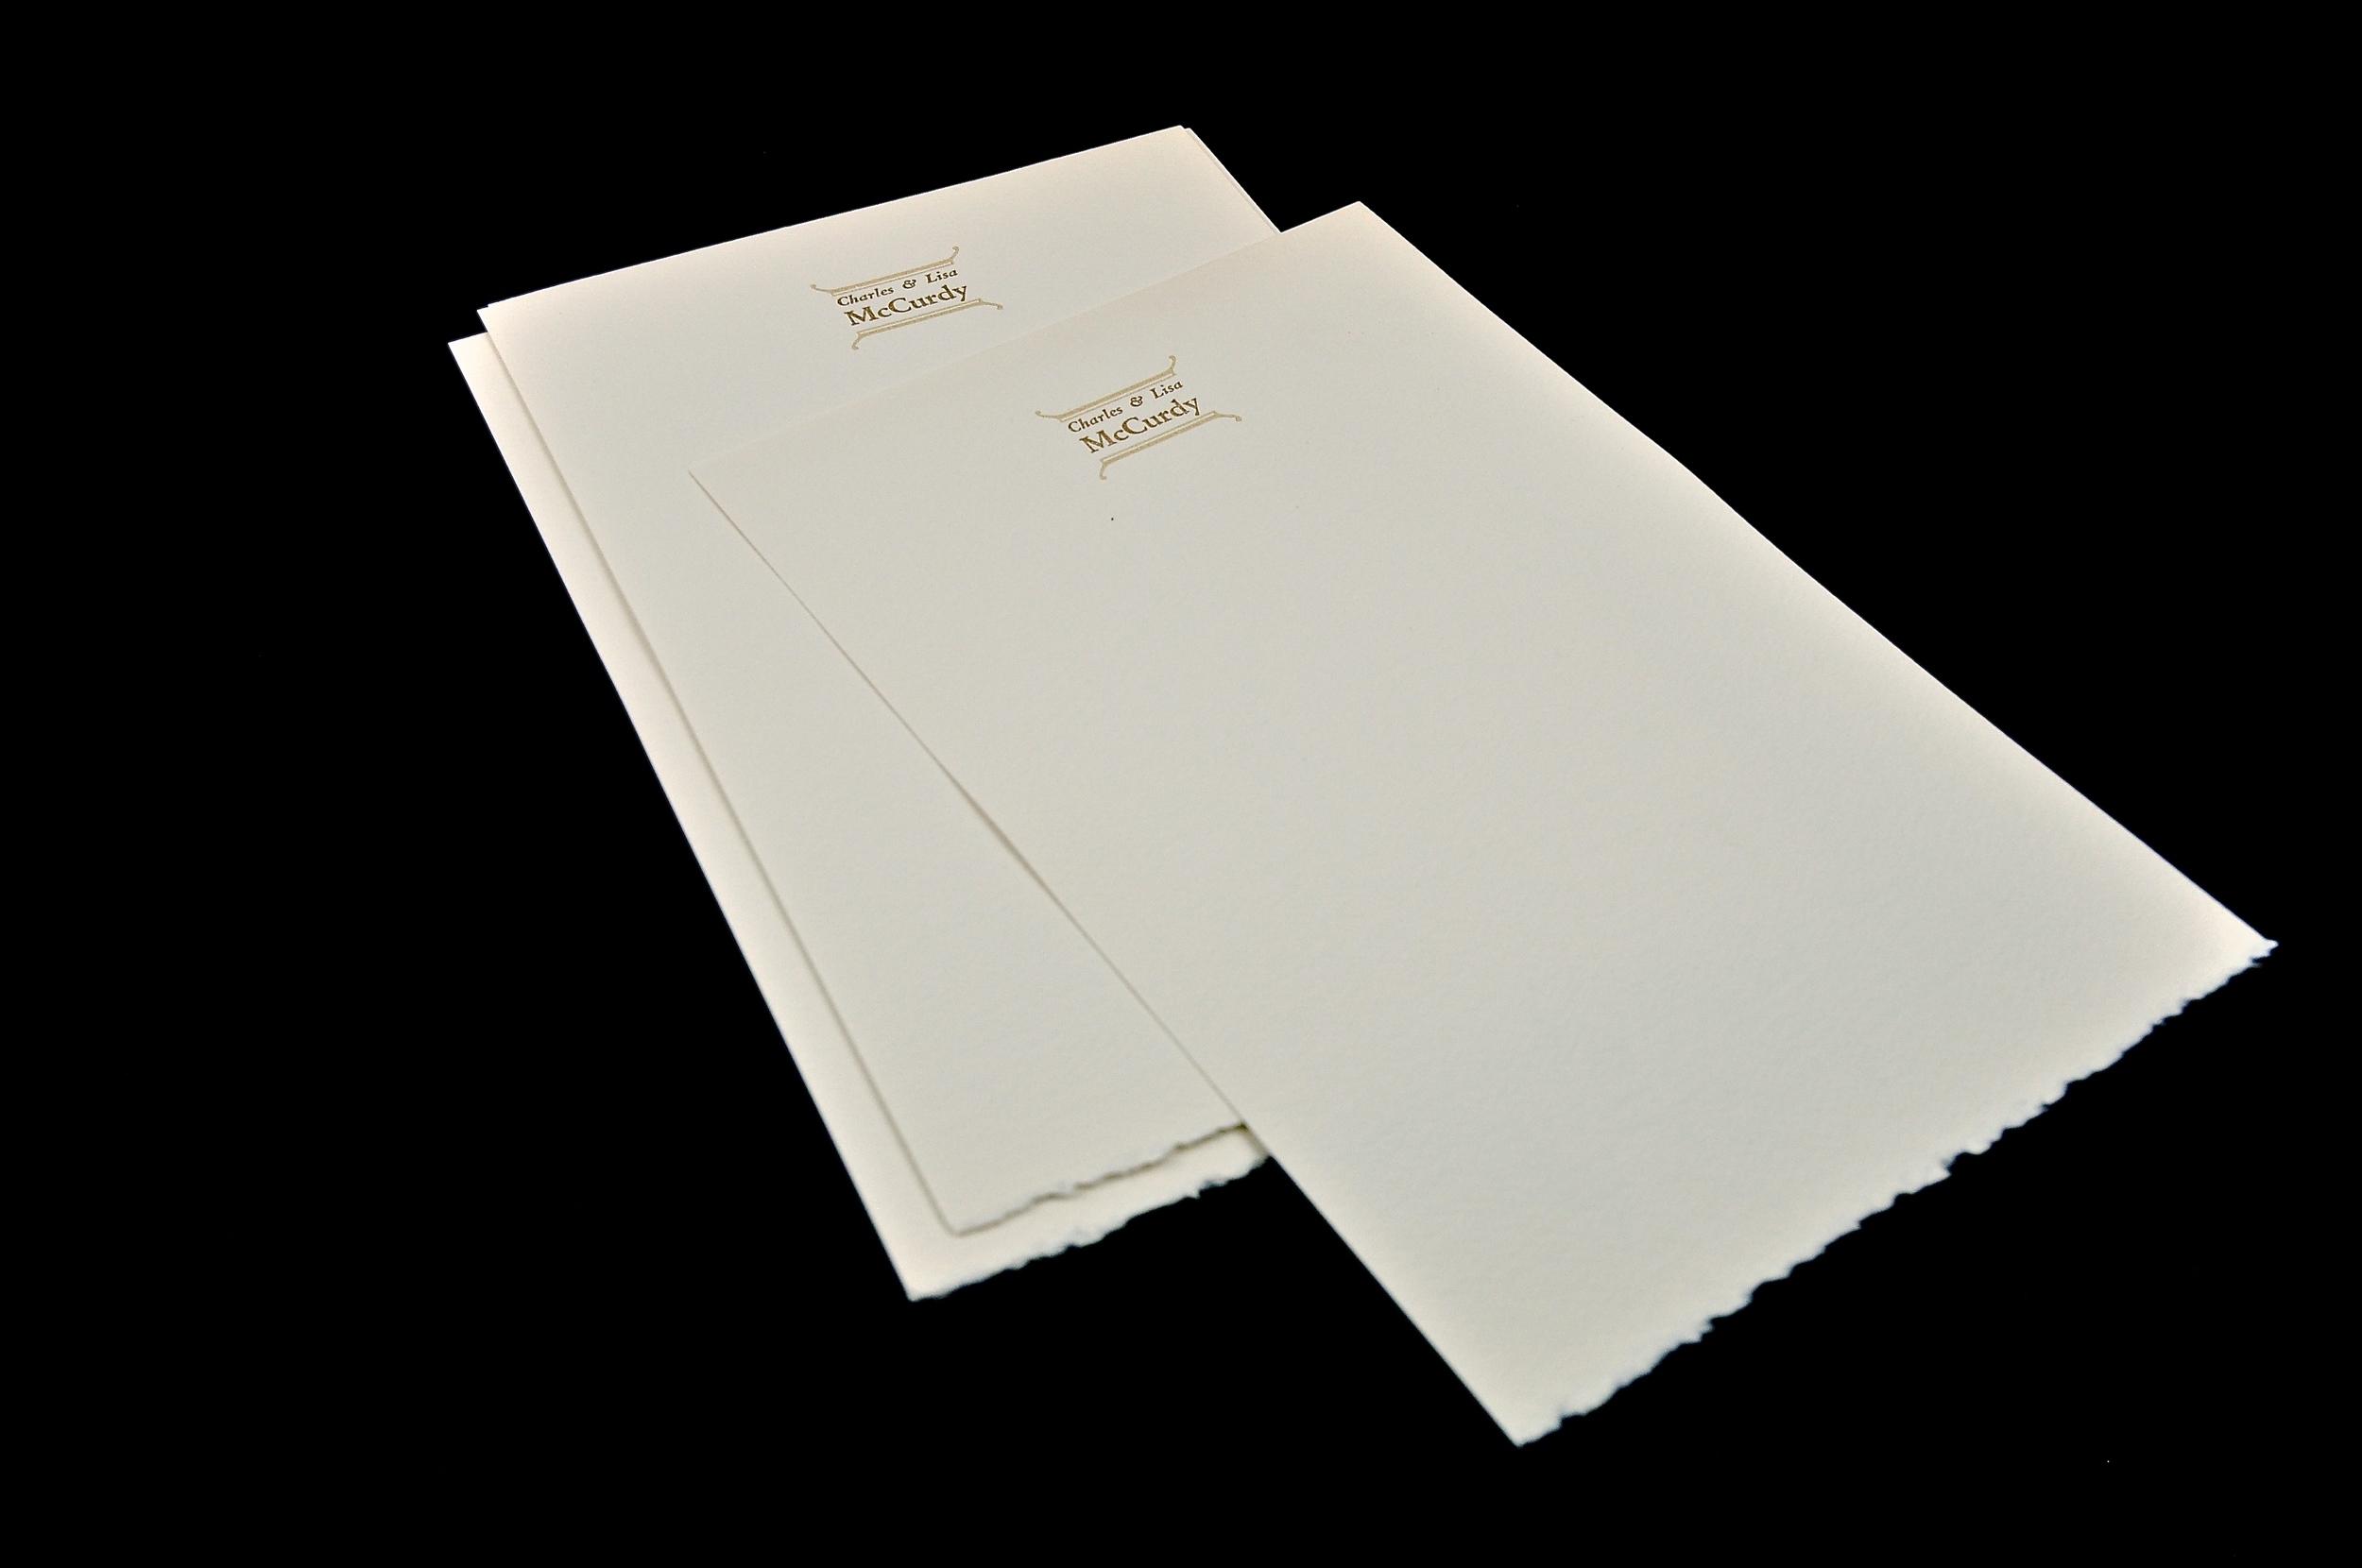 Platen press print